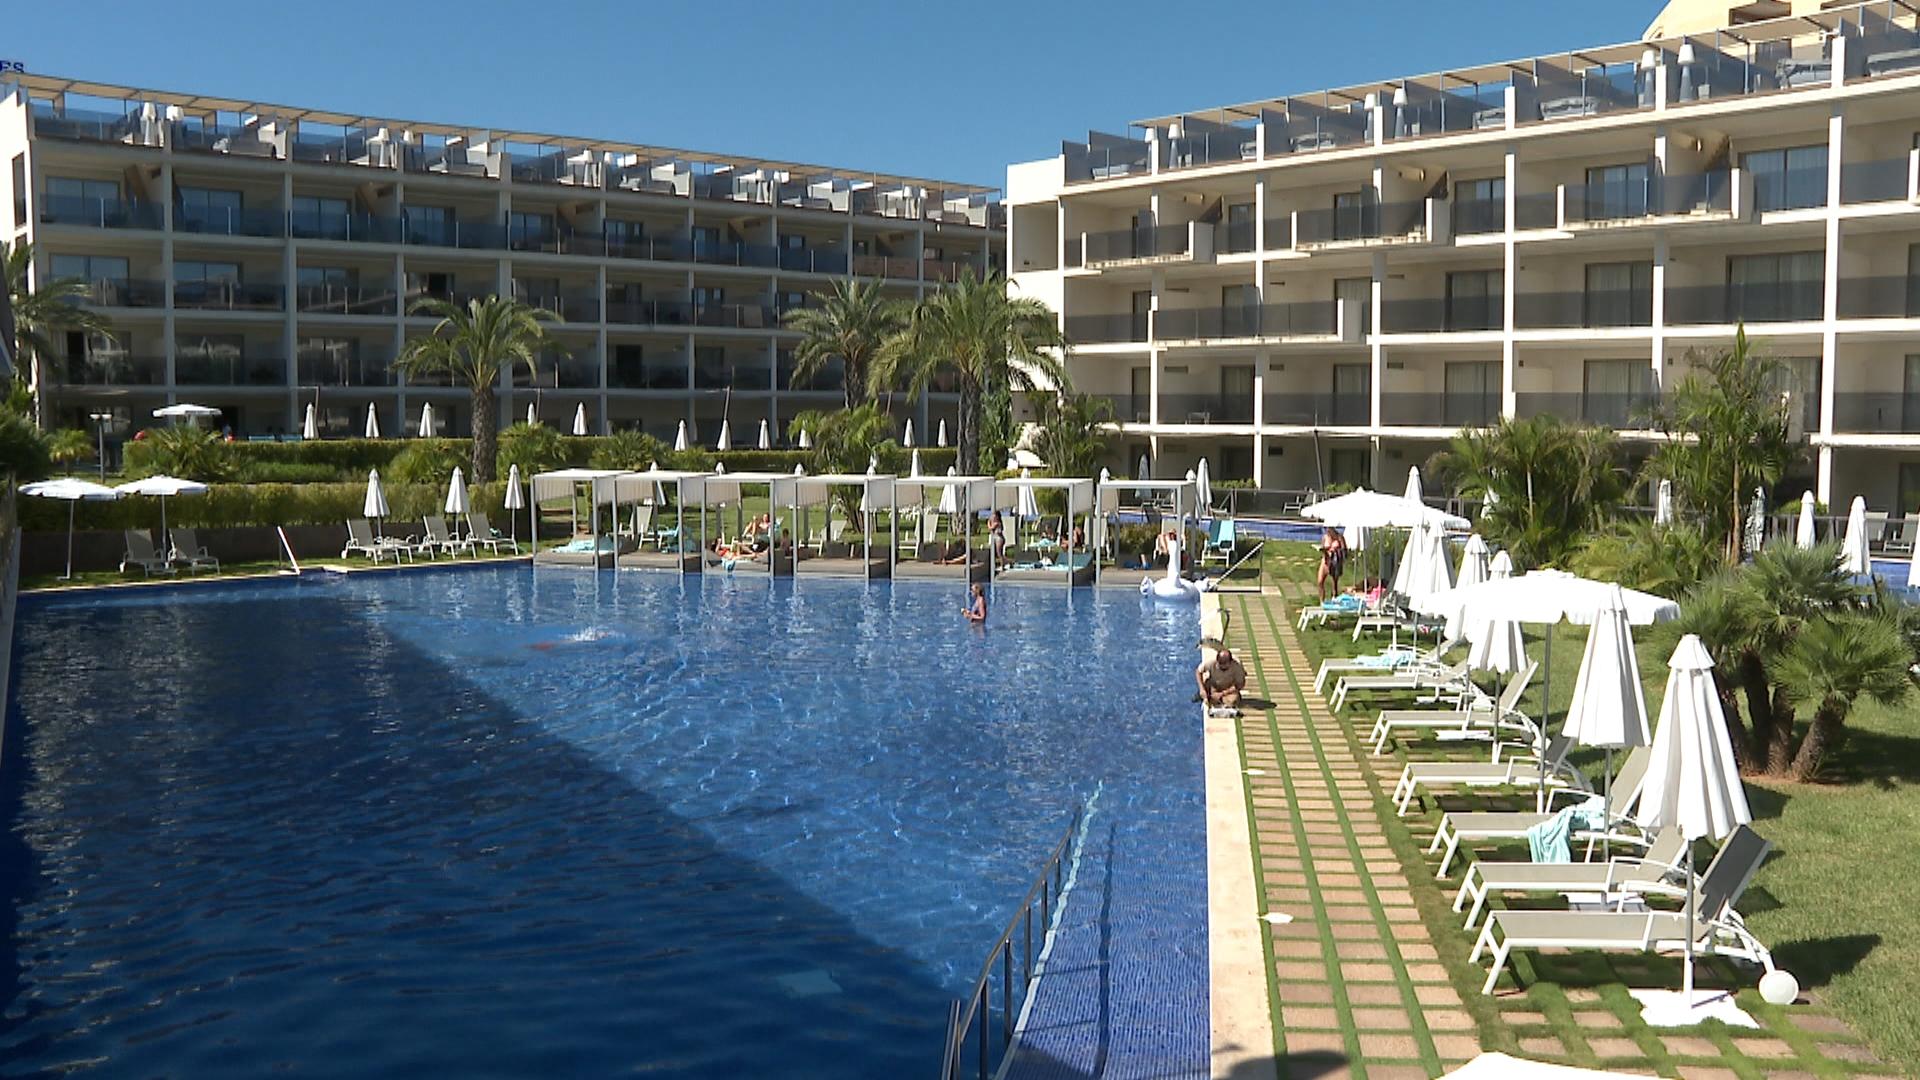 Un+60%25+de+les+places+hoteleres+de+Palmanova+i+Magaluf+obren+per+acollir+els+brit%C3%A0nics